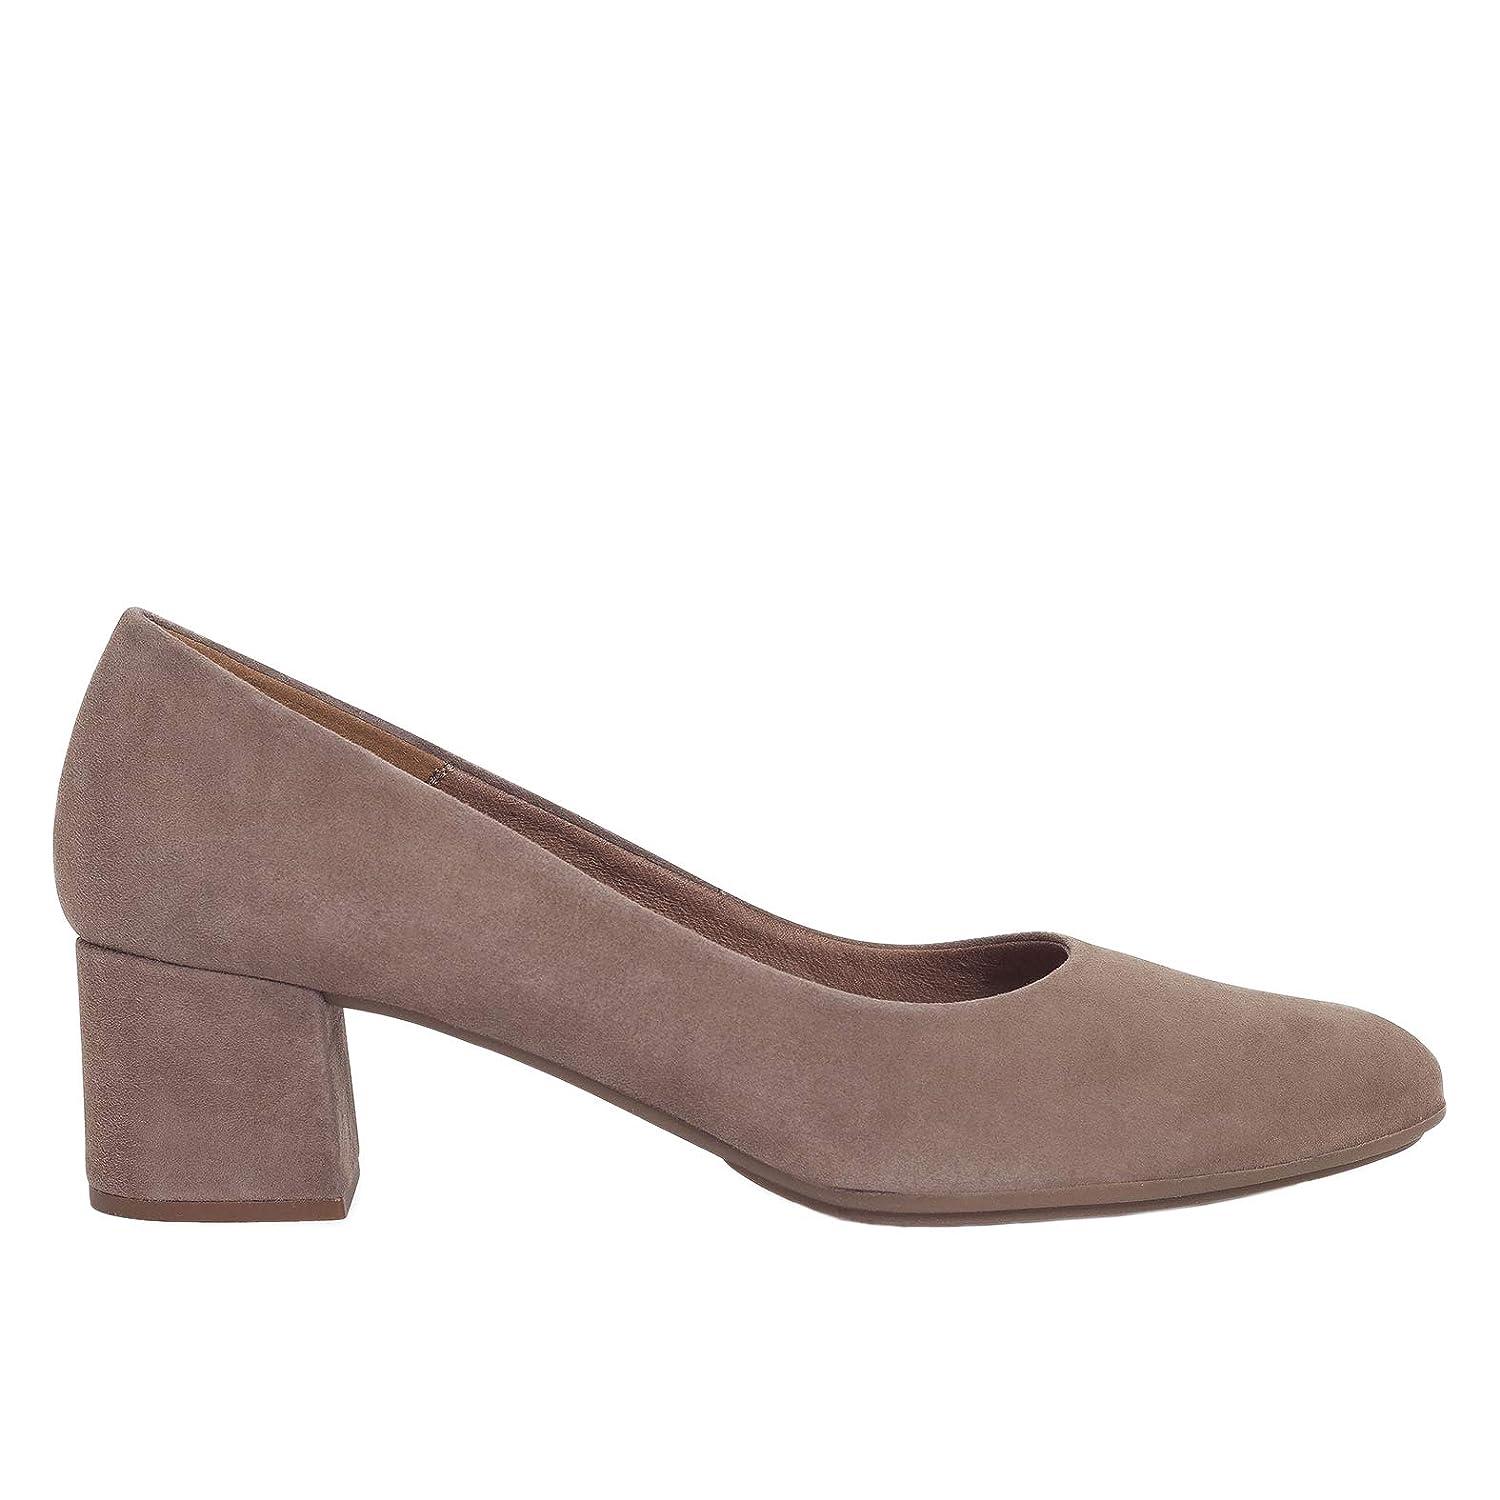 Zapatos Salón. Zapatos Piel Mujer Hechos EN ESPAÑA. Zapatos Tacón Taupe. Zapato Mimao. Zapatos Mujer Tacón. Zapatos Mujer Fiesta. Zapato Cómodo Mujer con Plantilla Confort Gel